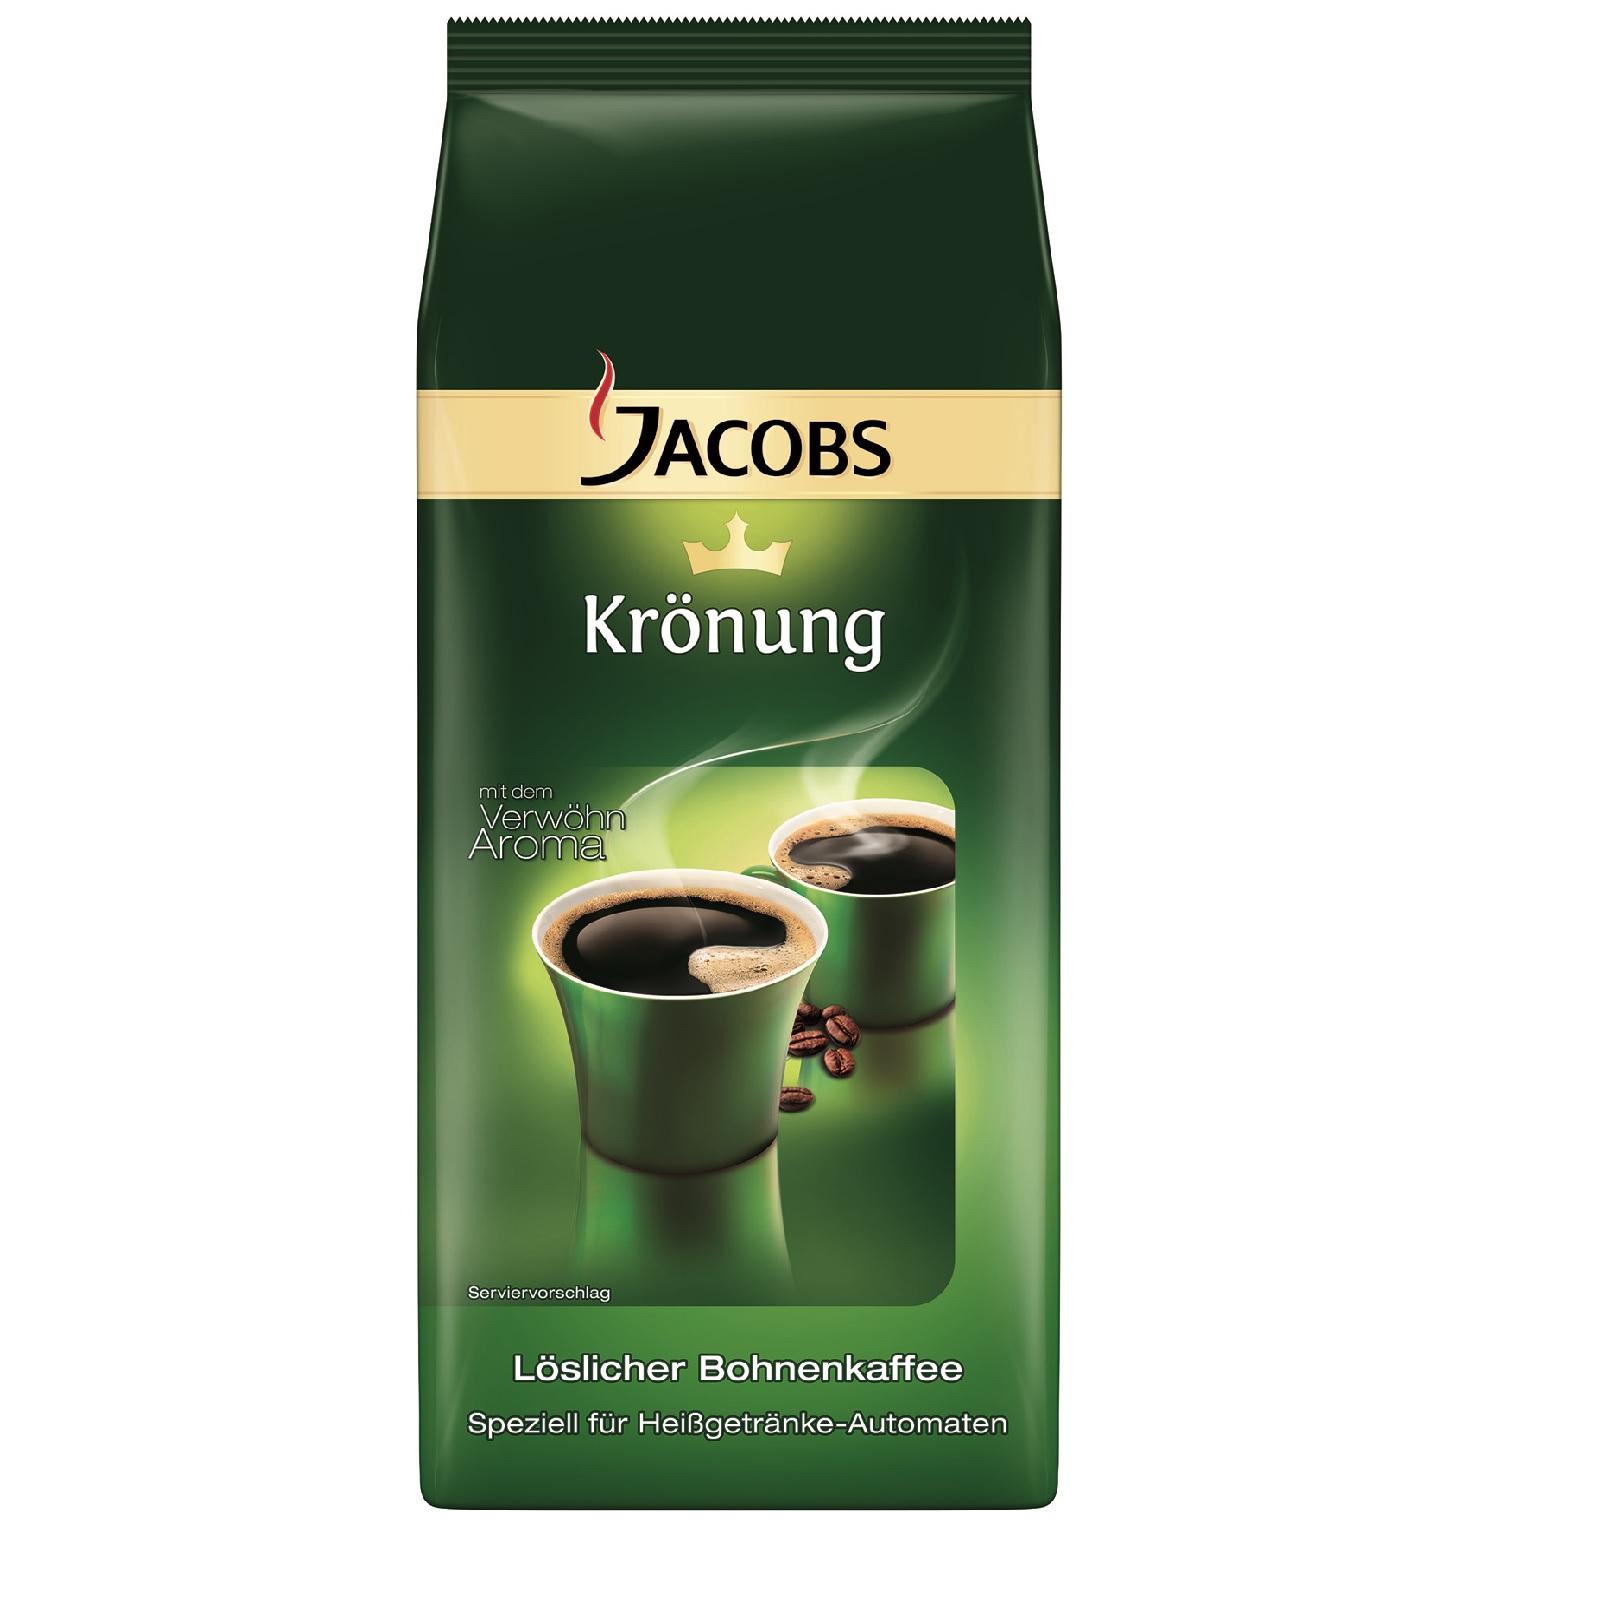 Tassen Jacobs Krönung : Jacobs kr?nung g instant kaffee vending automaten